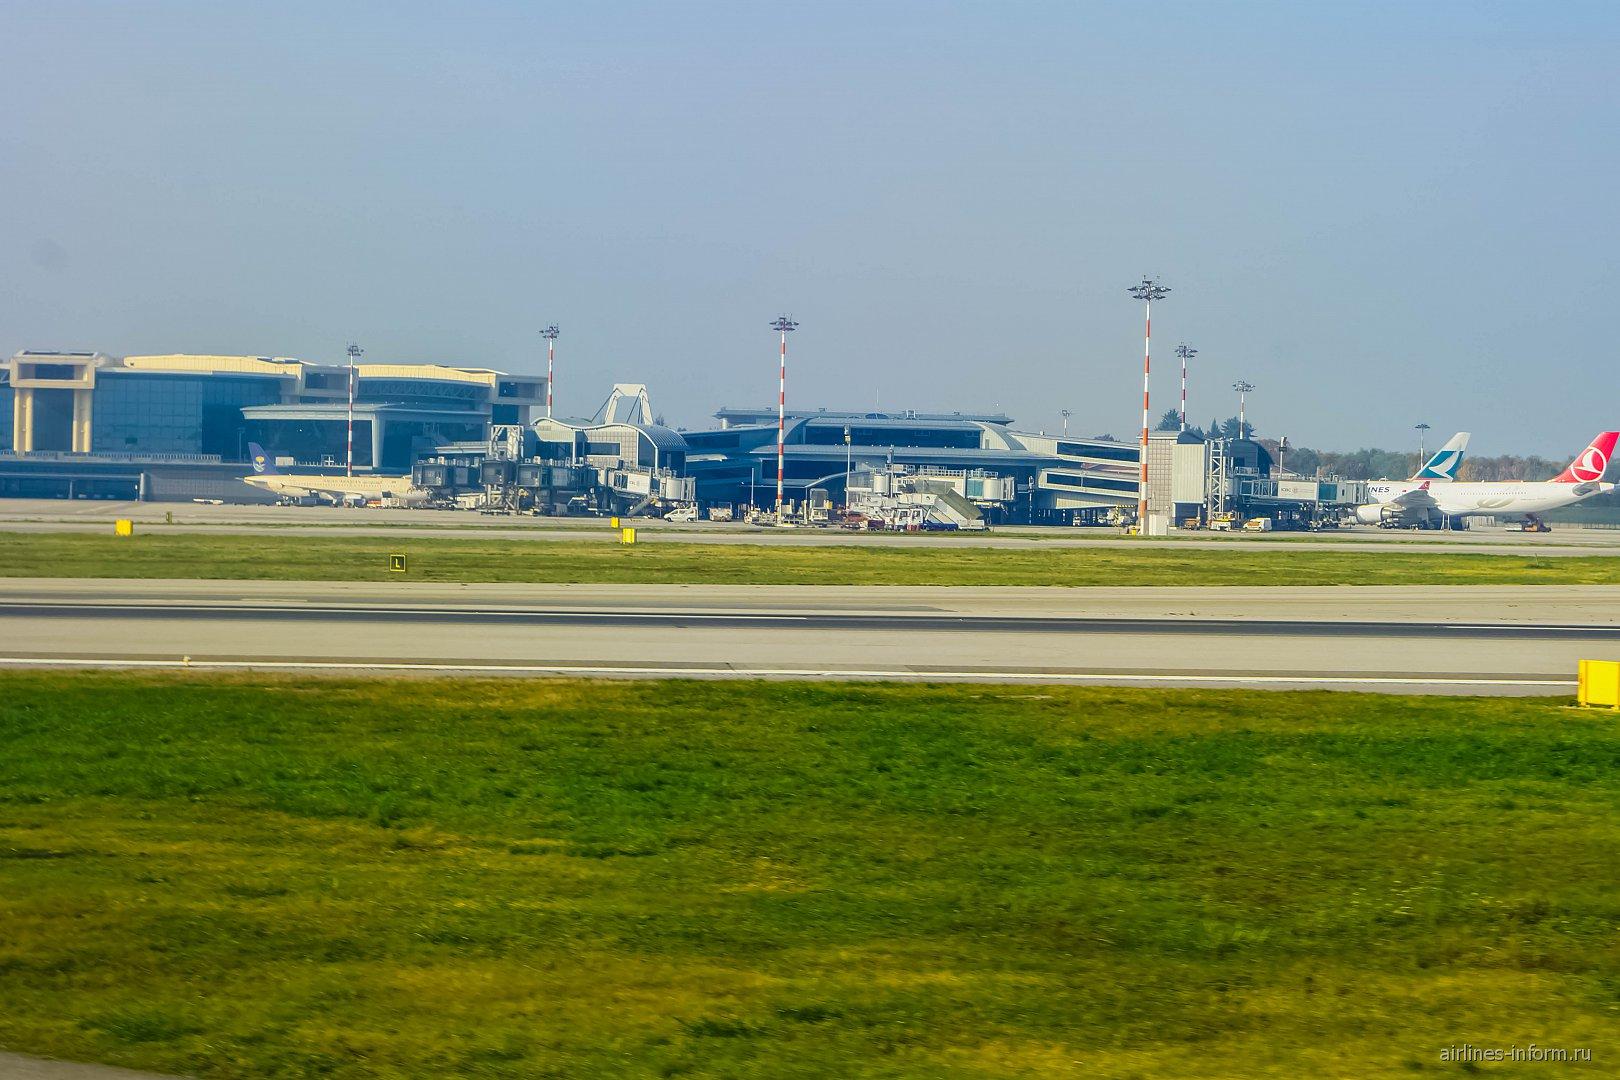 Новый терминал в аэропорту Милан Мальпенса